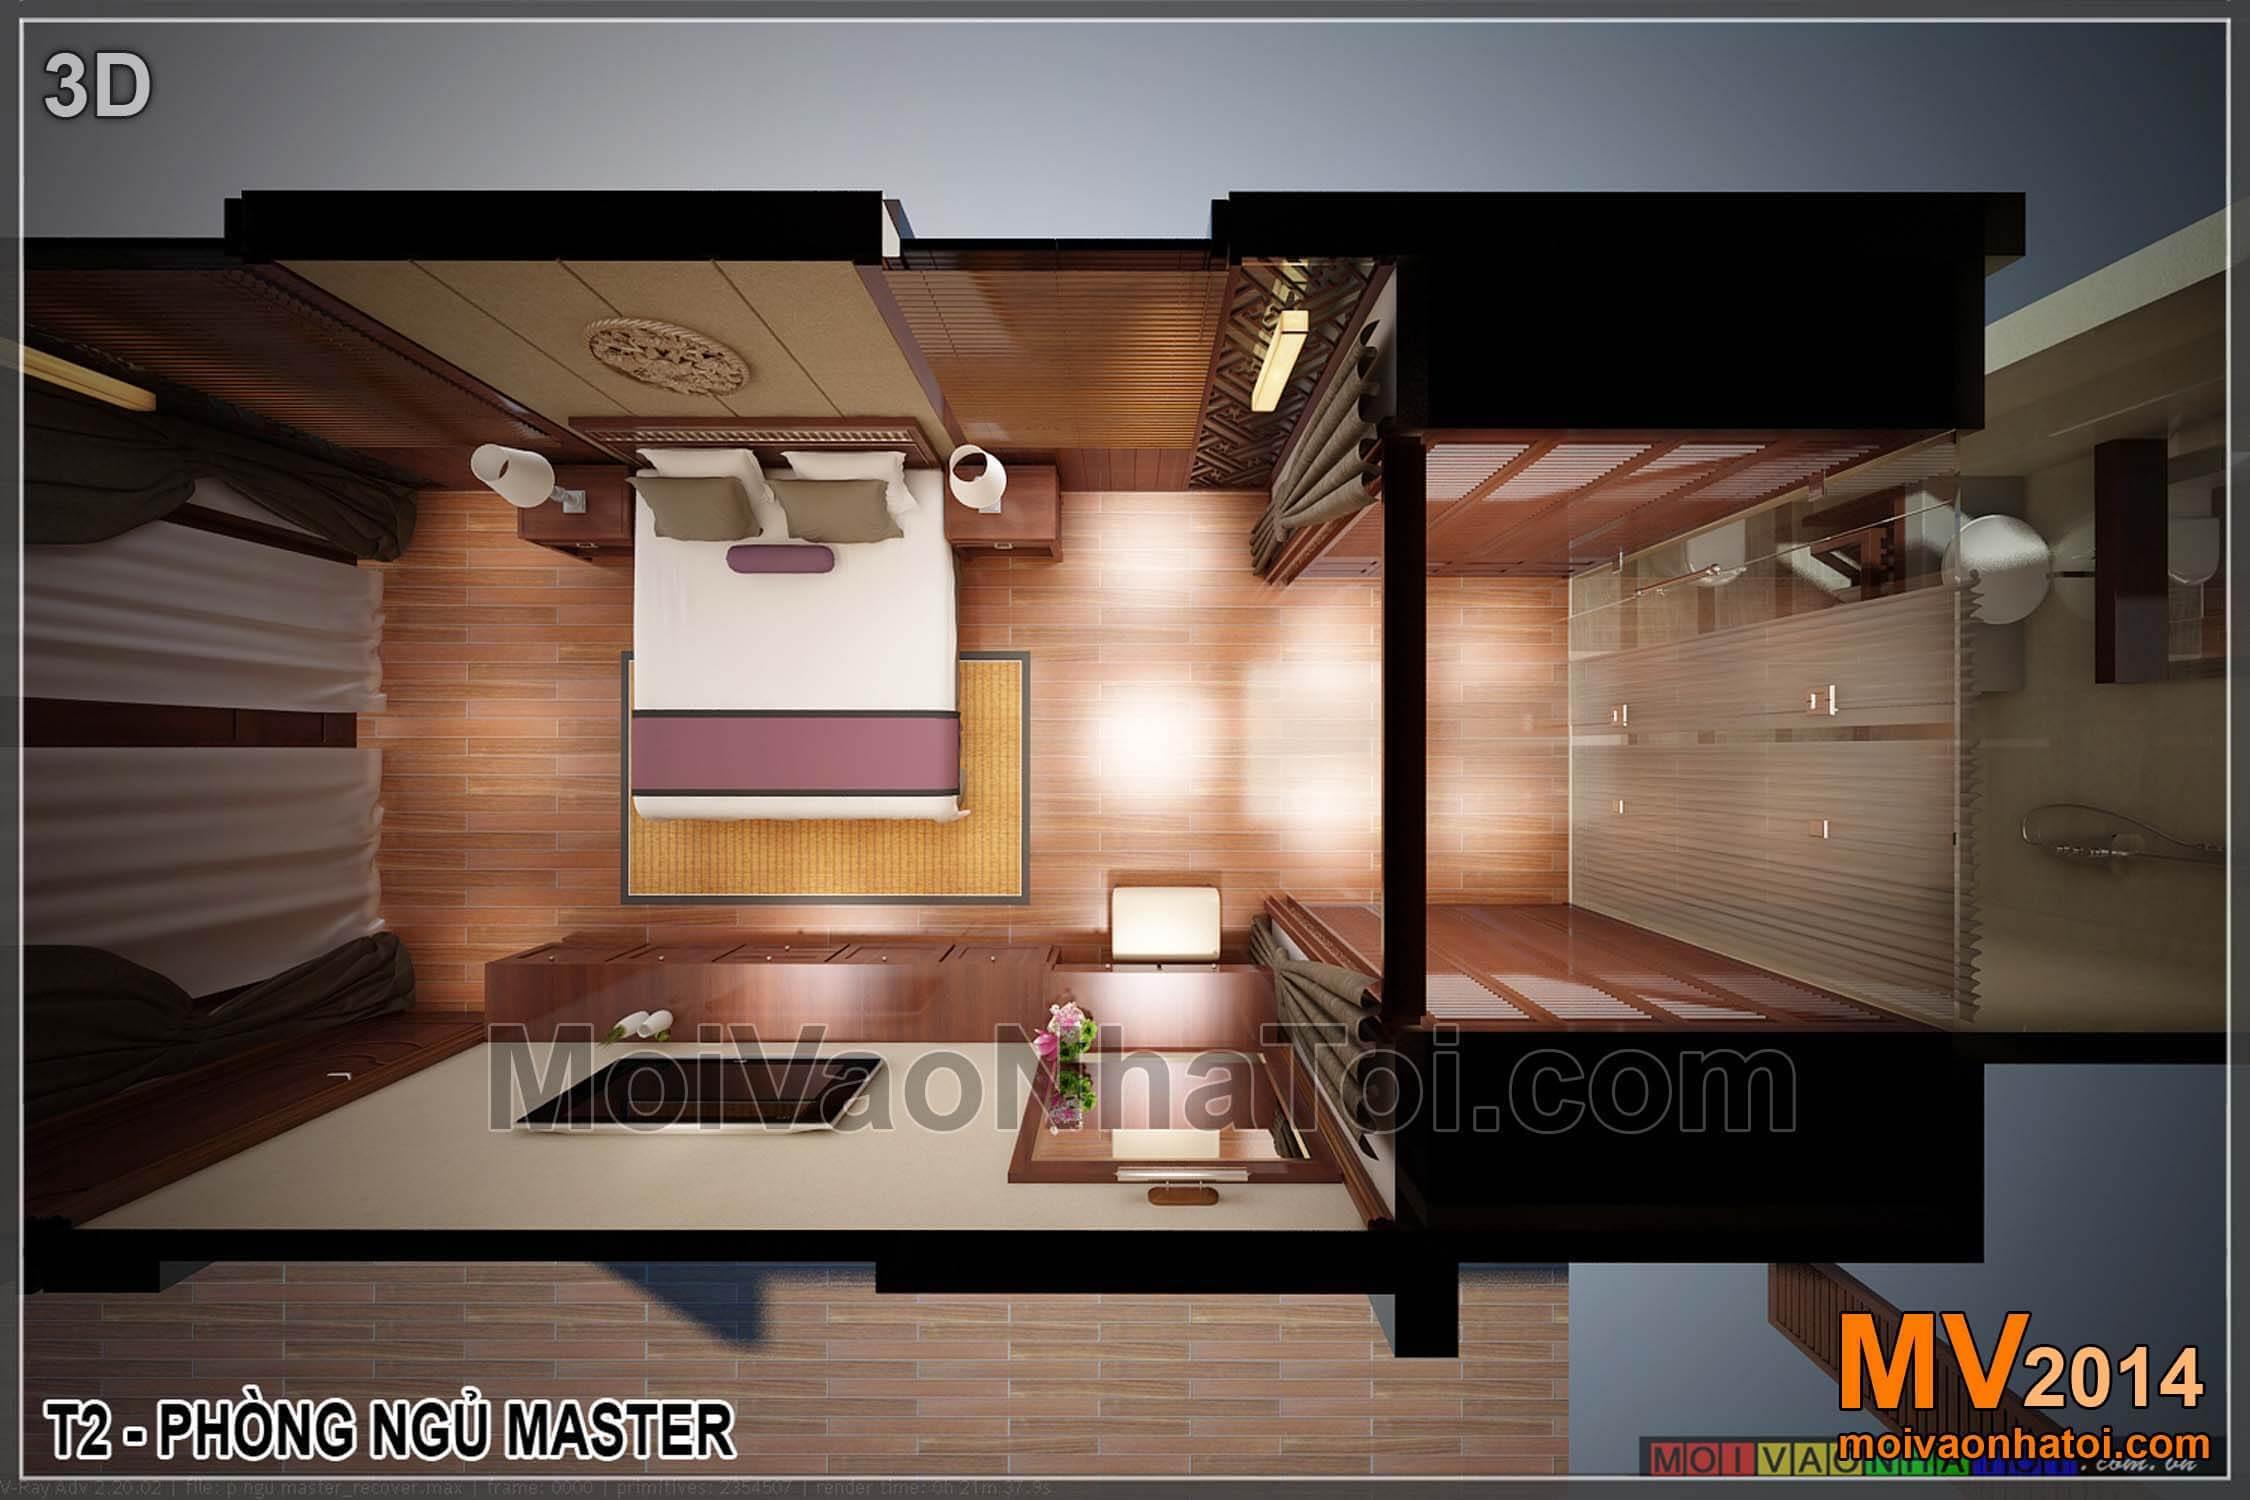 शास्त्रीय विला डिजाइन के साथ बेडरूम की योजना